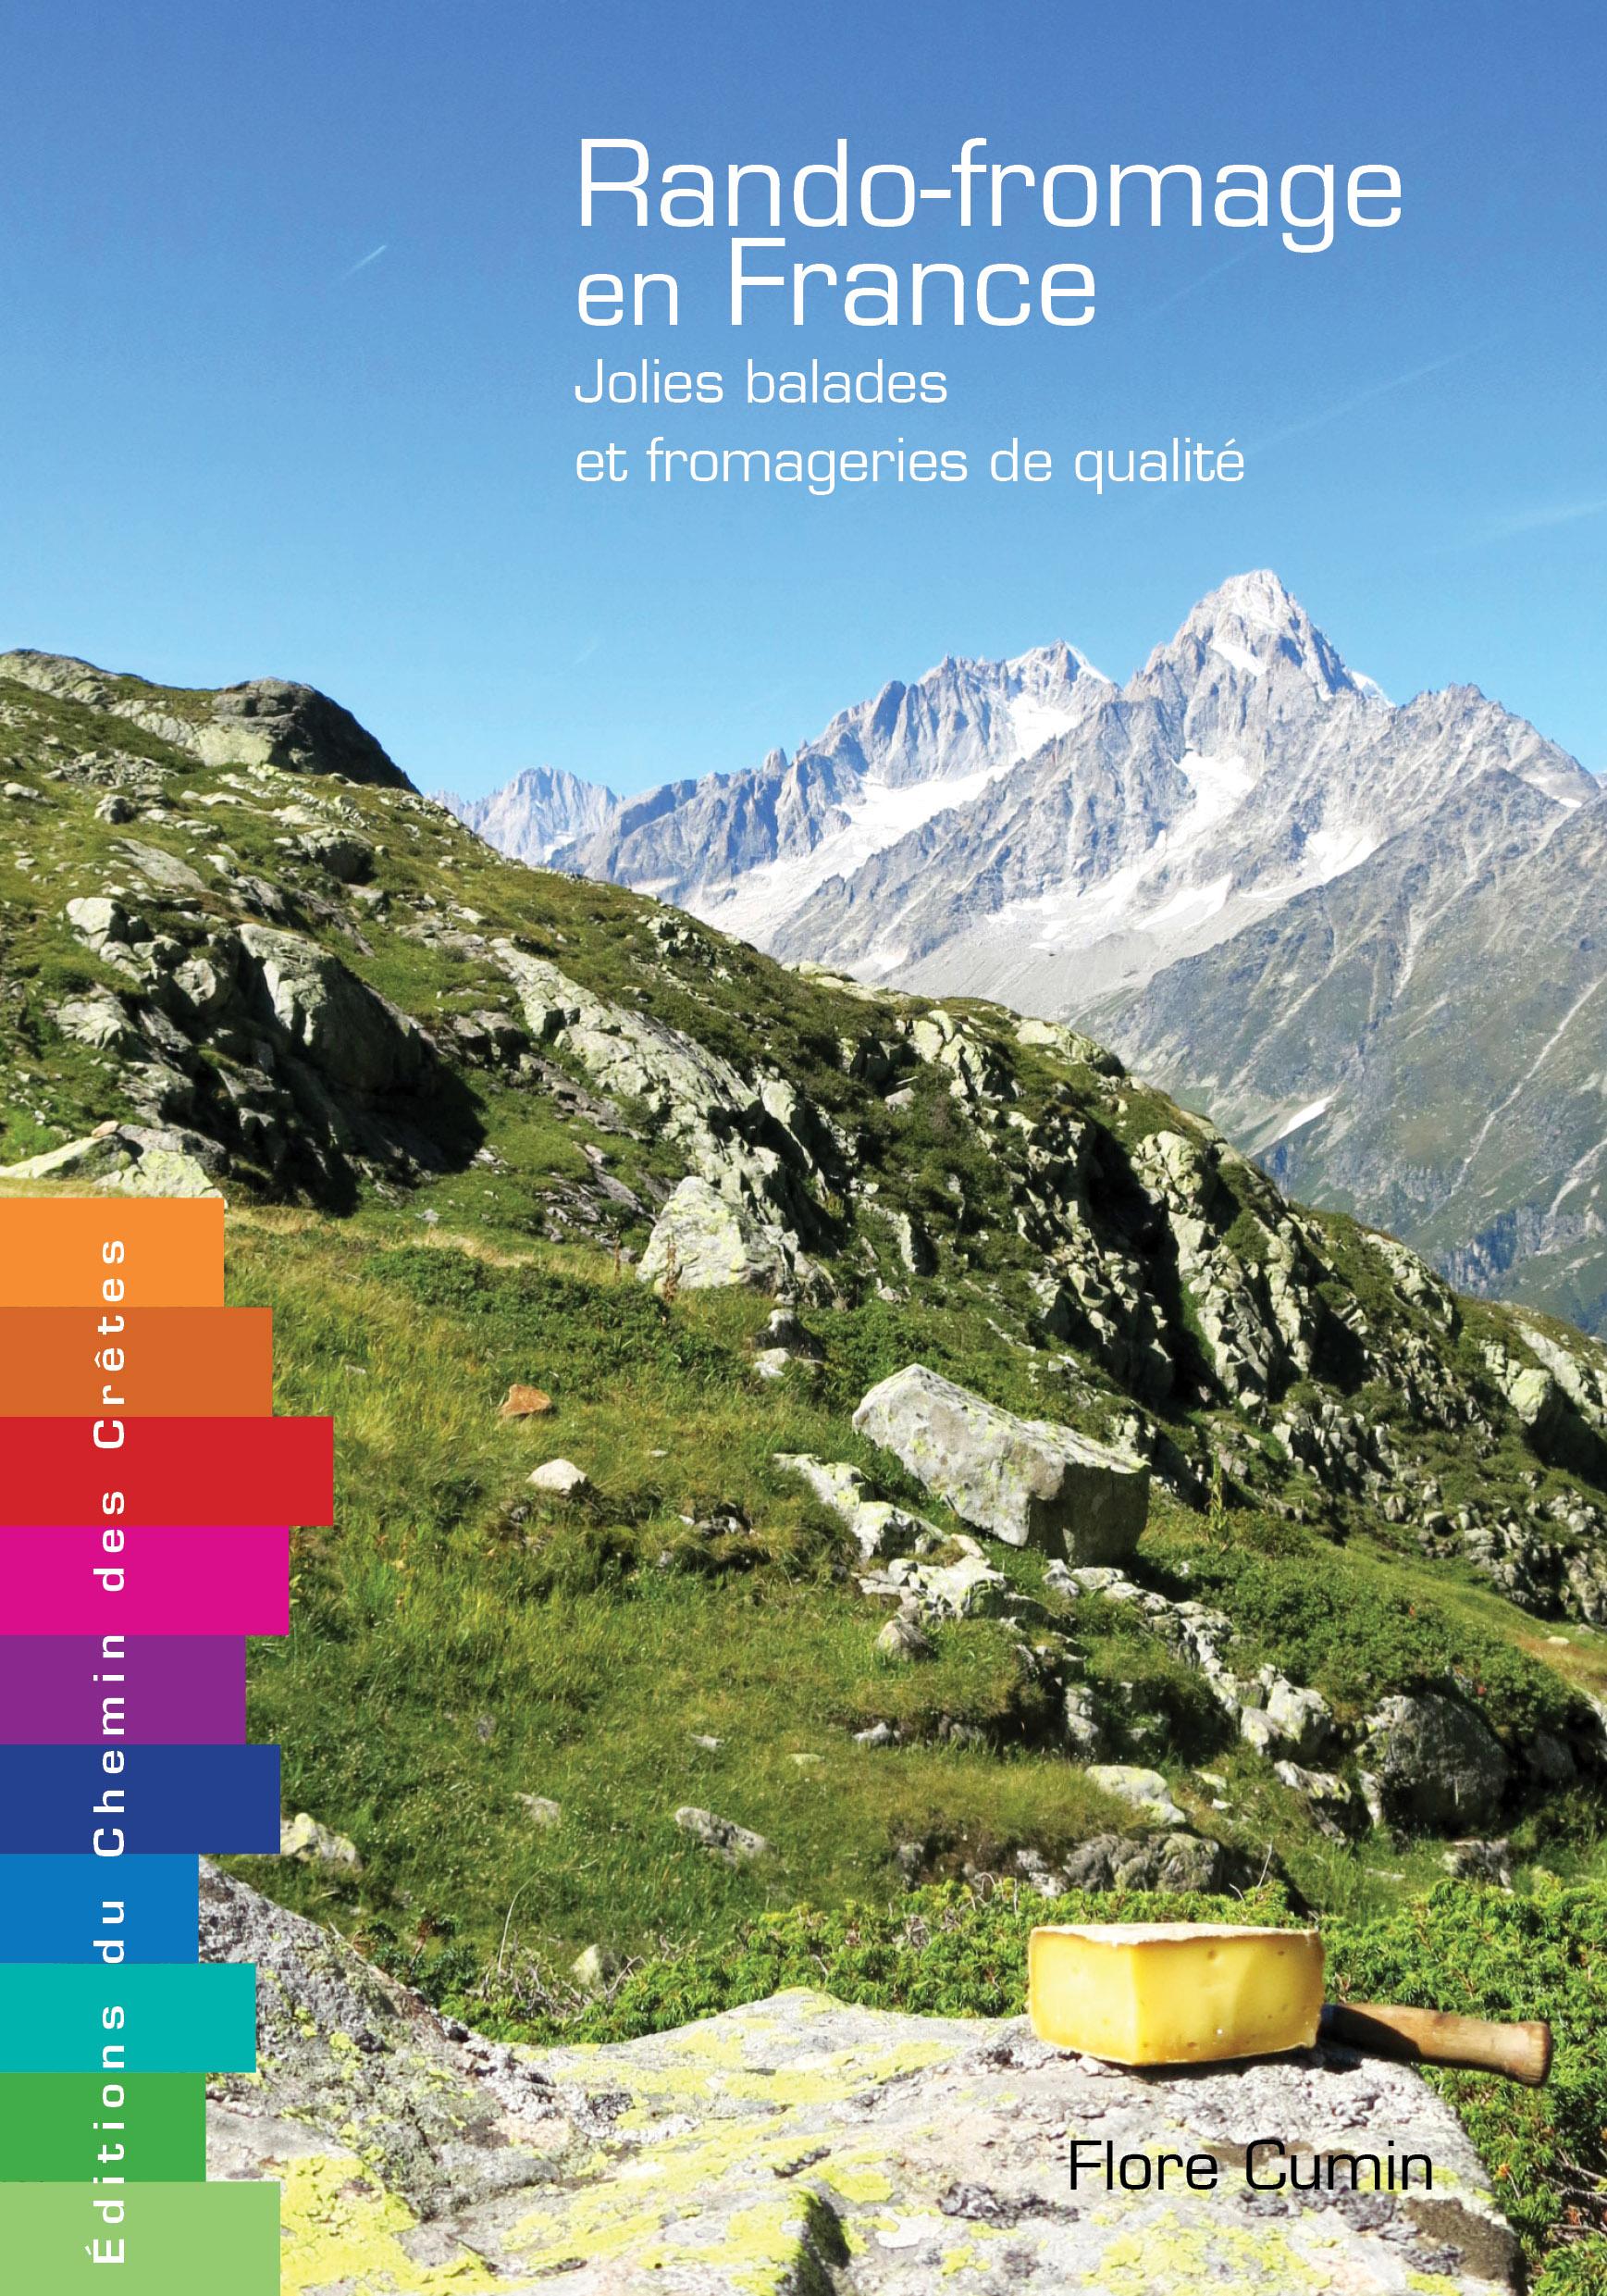 Couverture du livre Rando-fromage en France